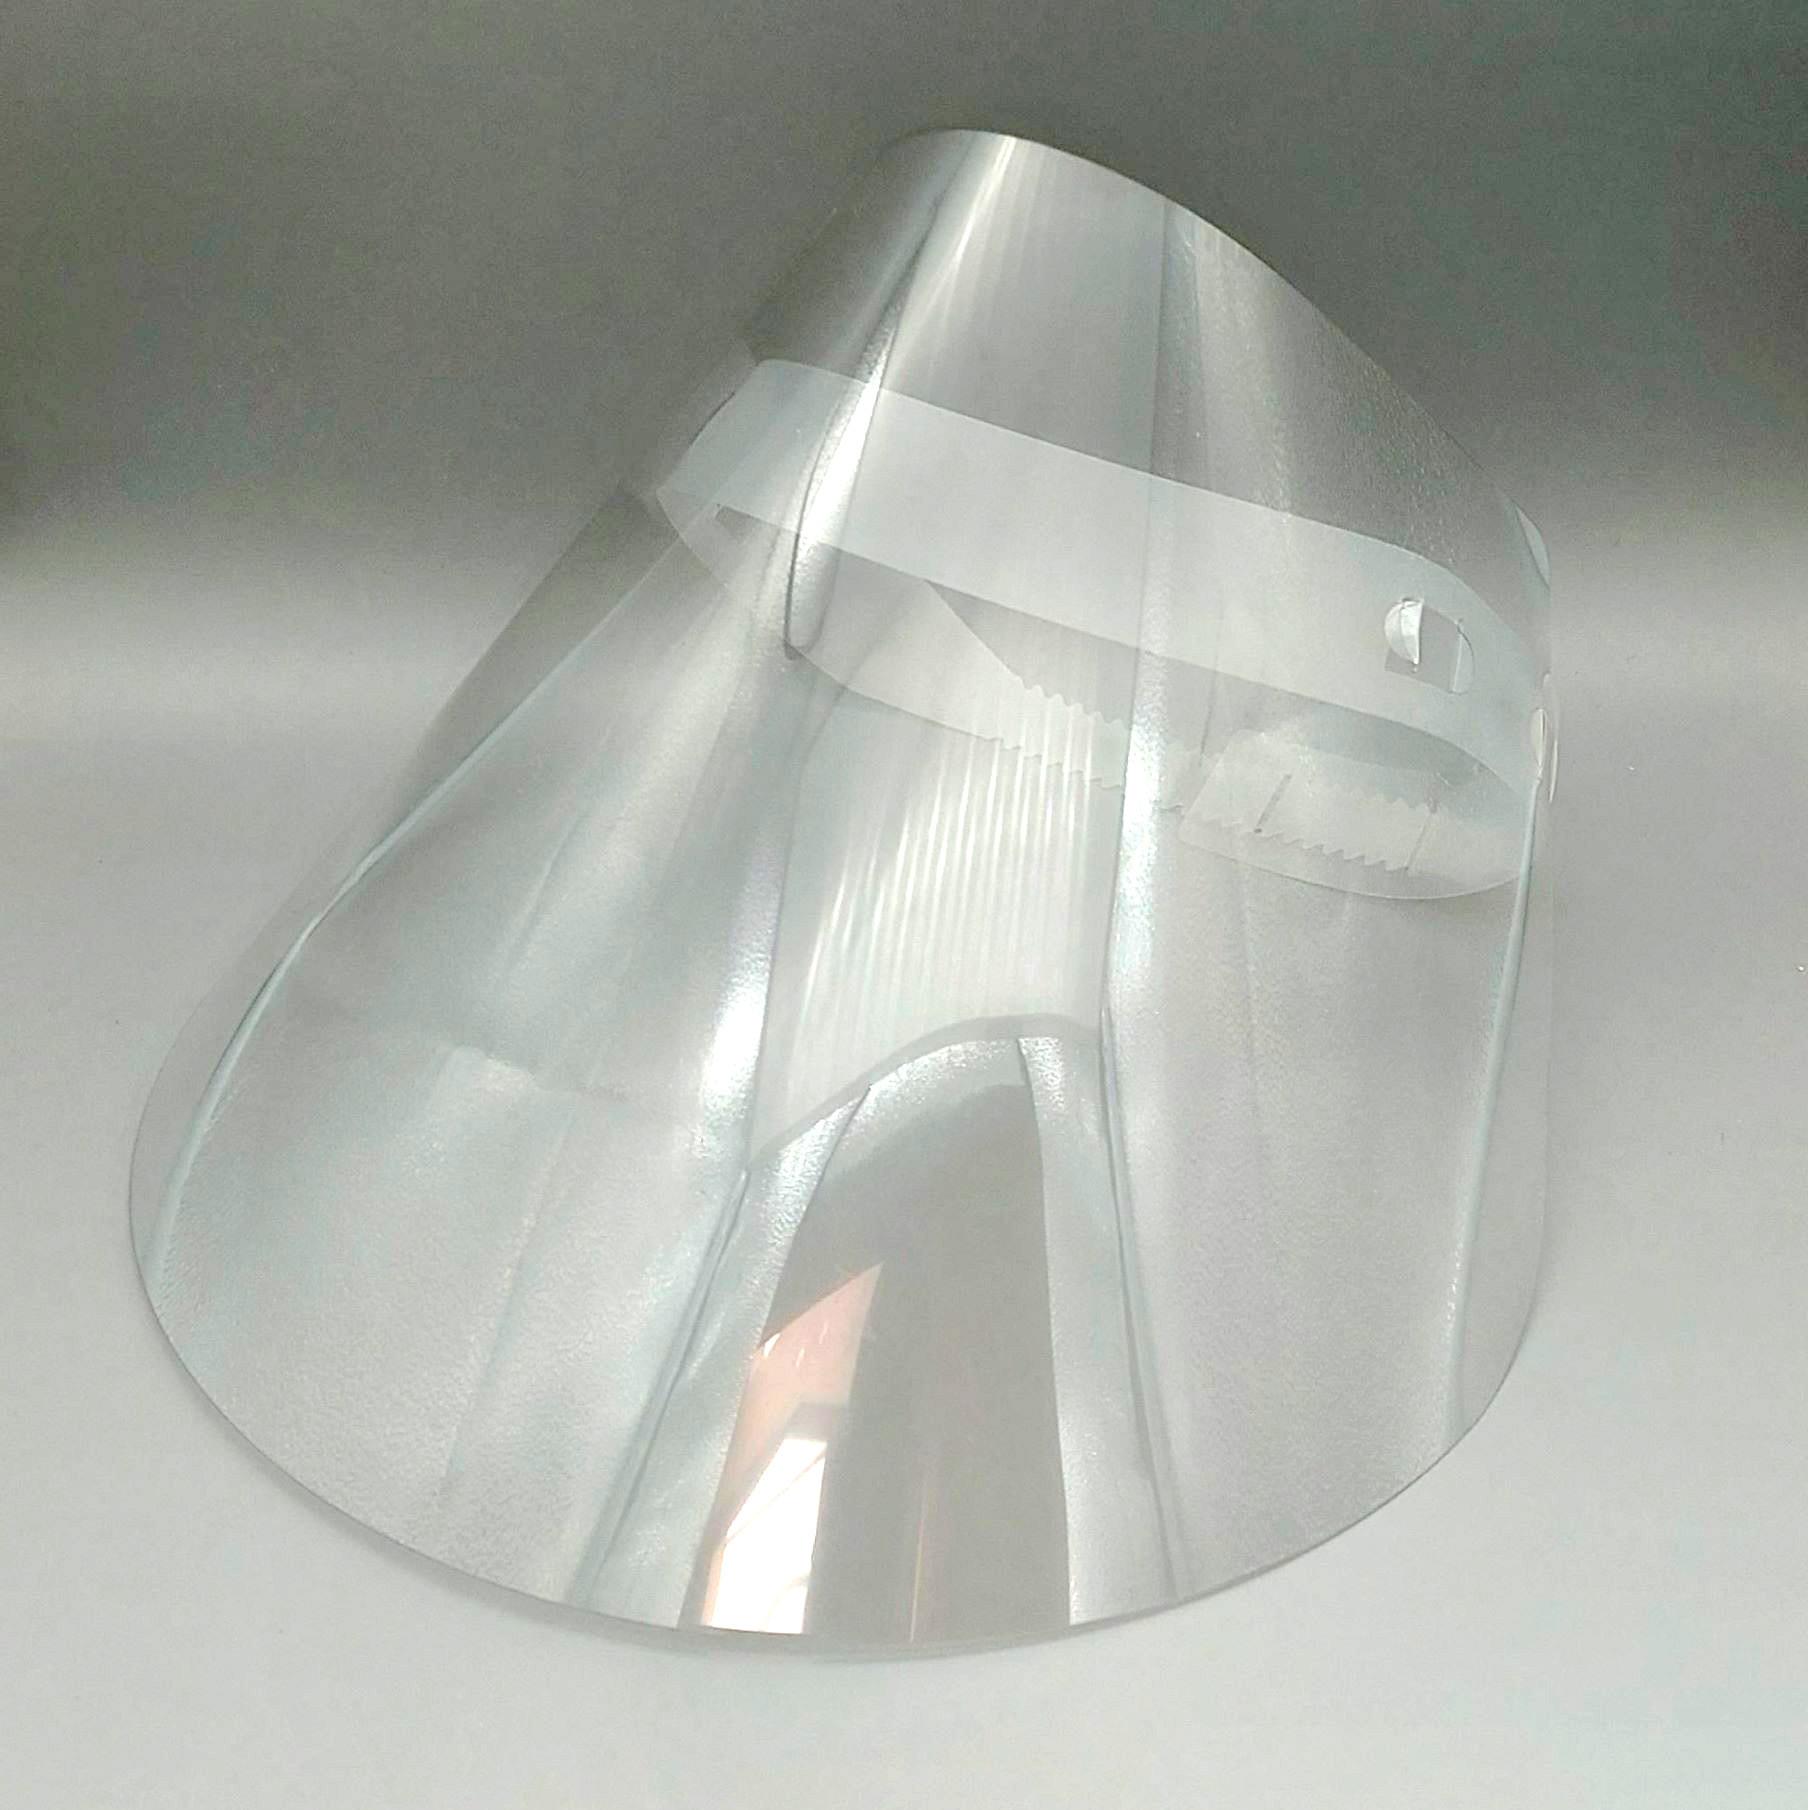 Corona Gesichtsschutz Außenansicht